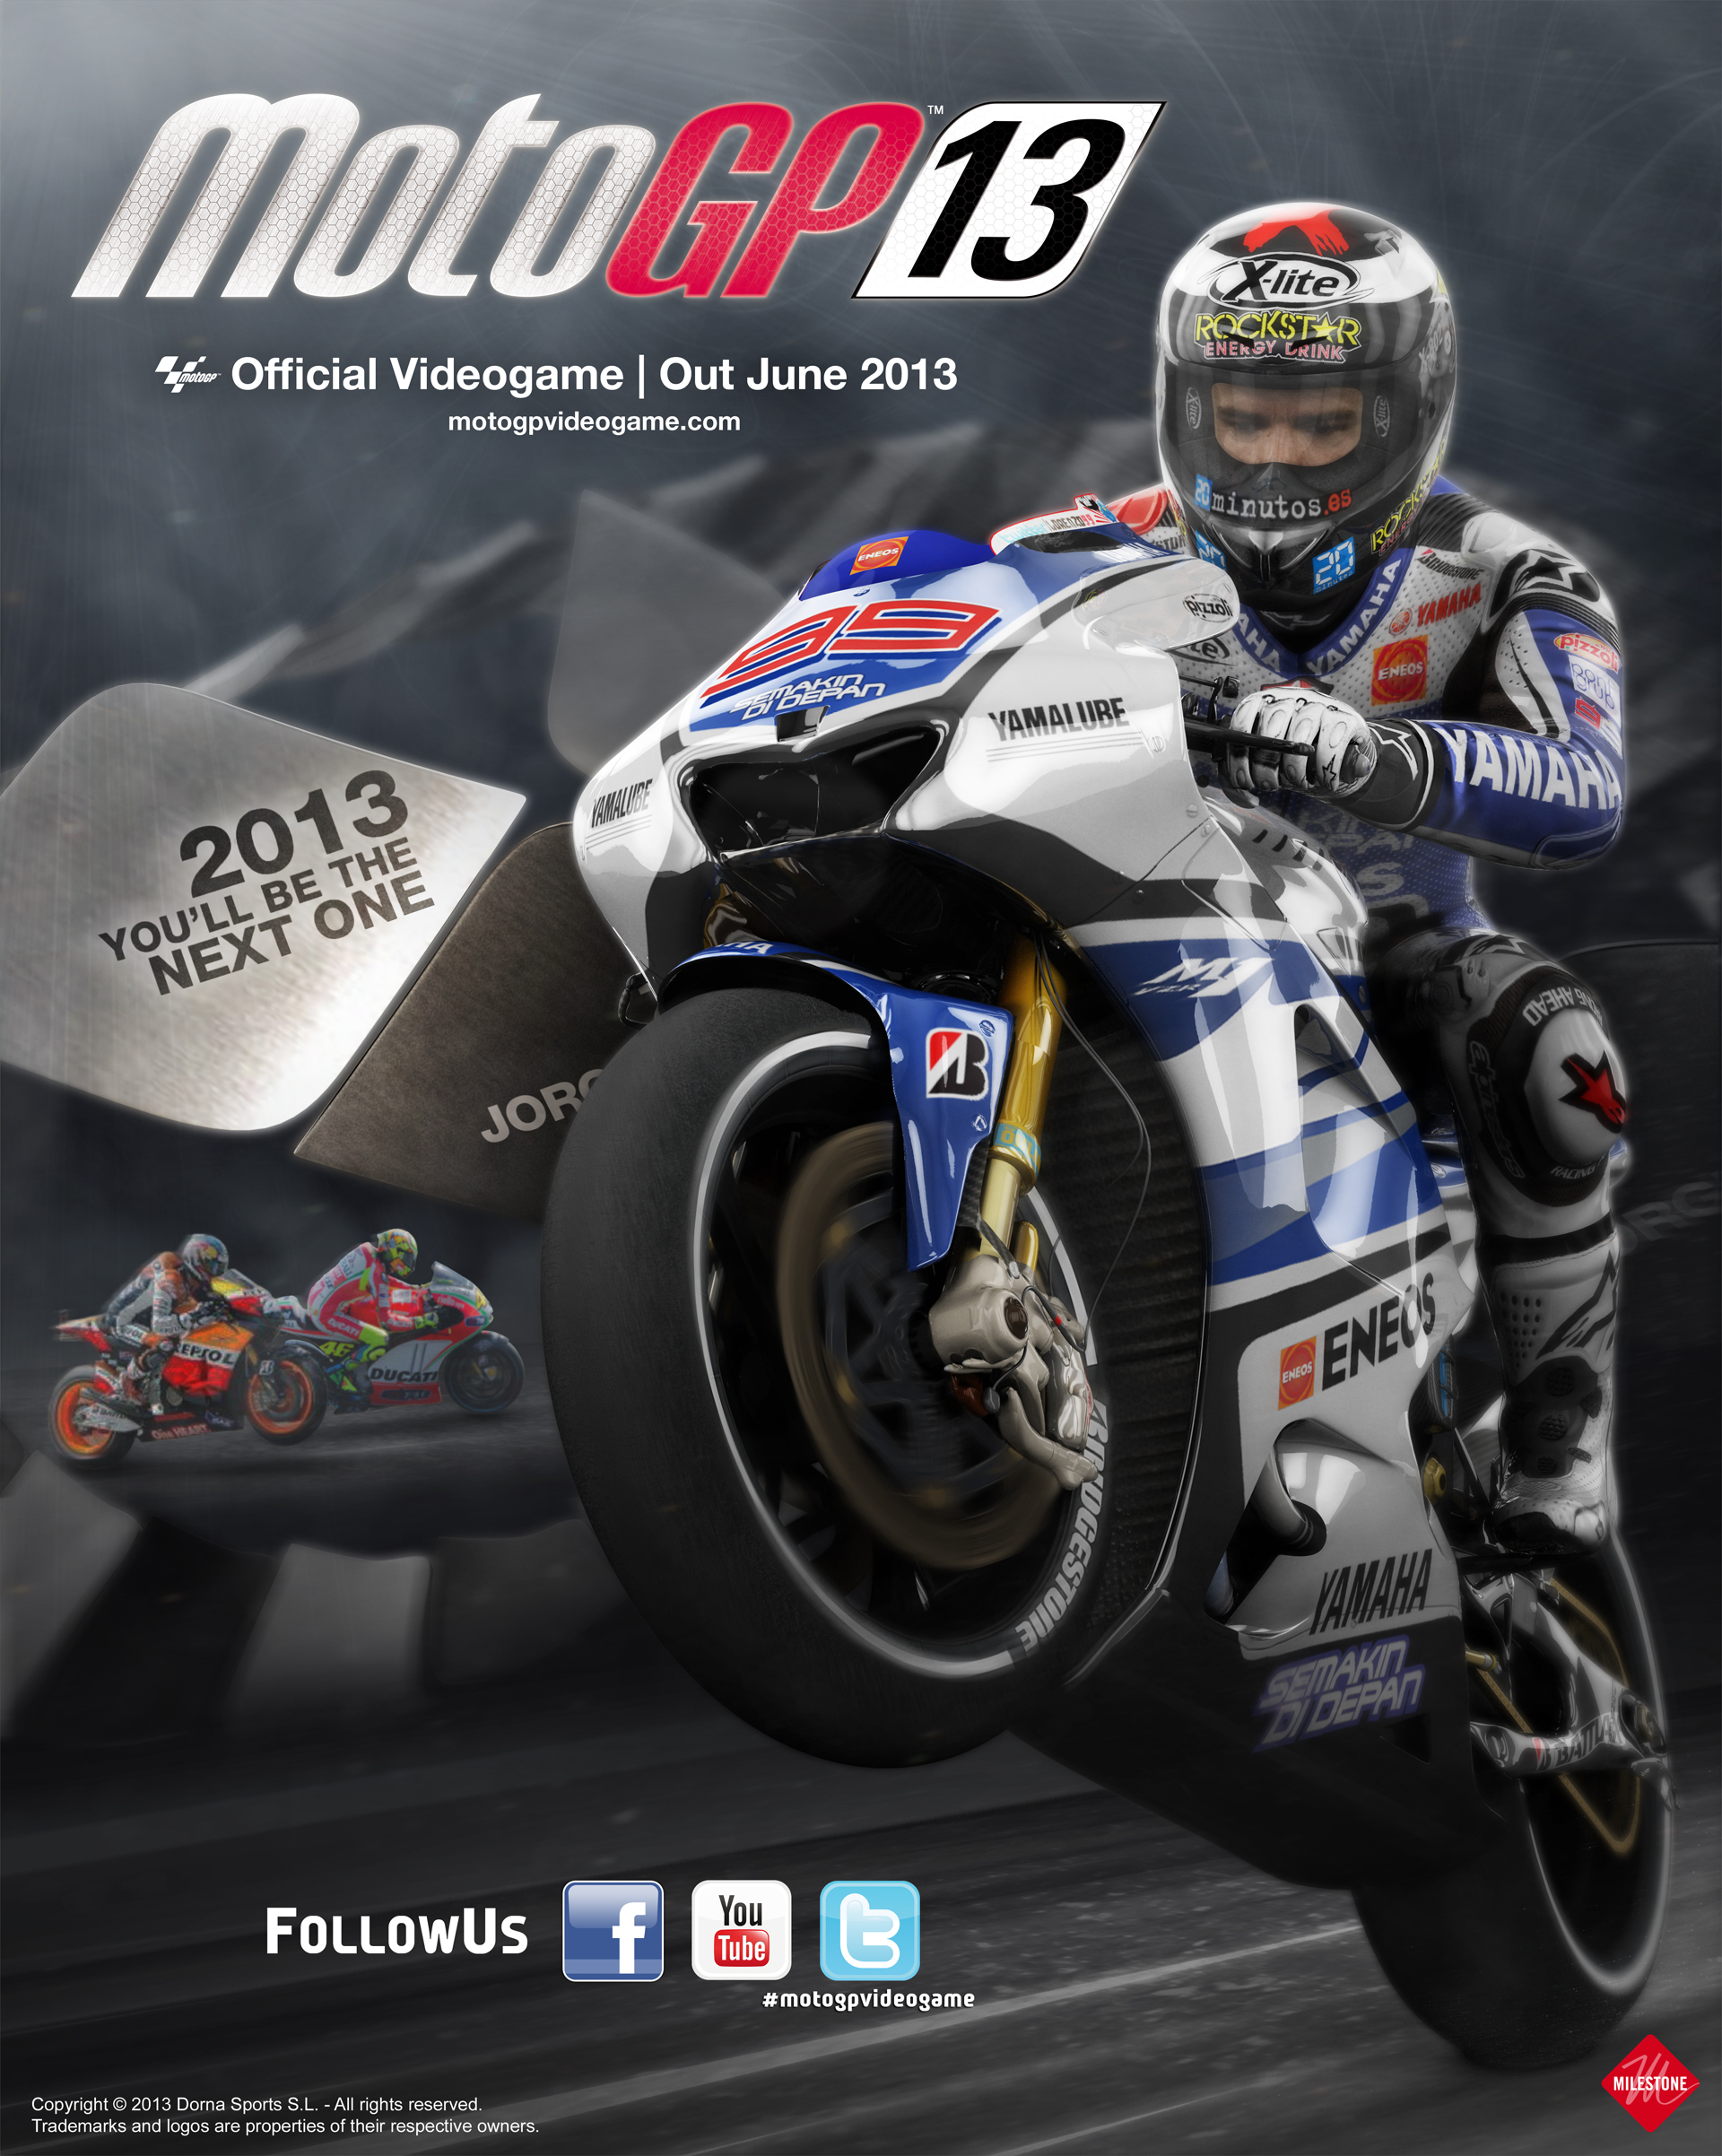 http://deldorado.de/wp-content/uploads/2013/05/MotoGP13-Cover.jpg